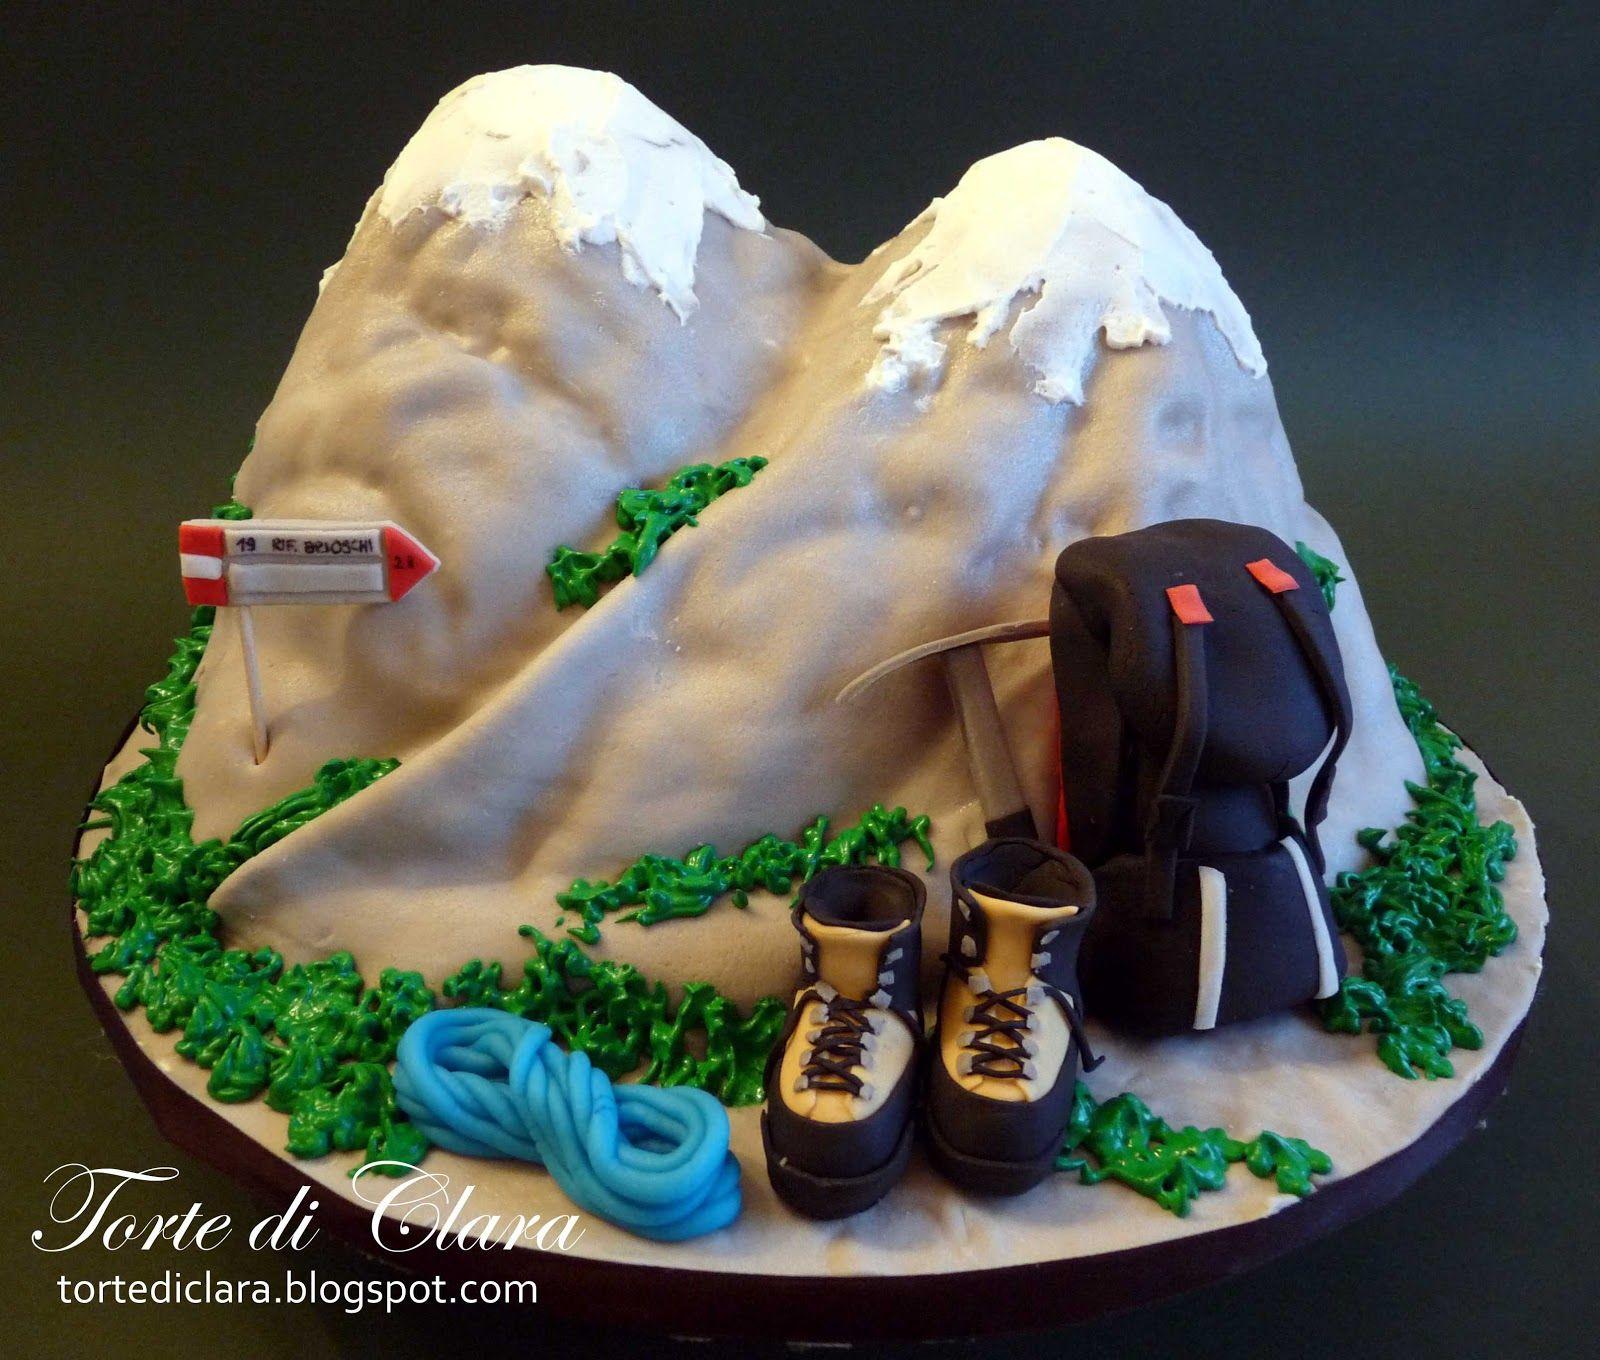 поздравления мужчине с днем рождения альпинисту теперь они полноправные